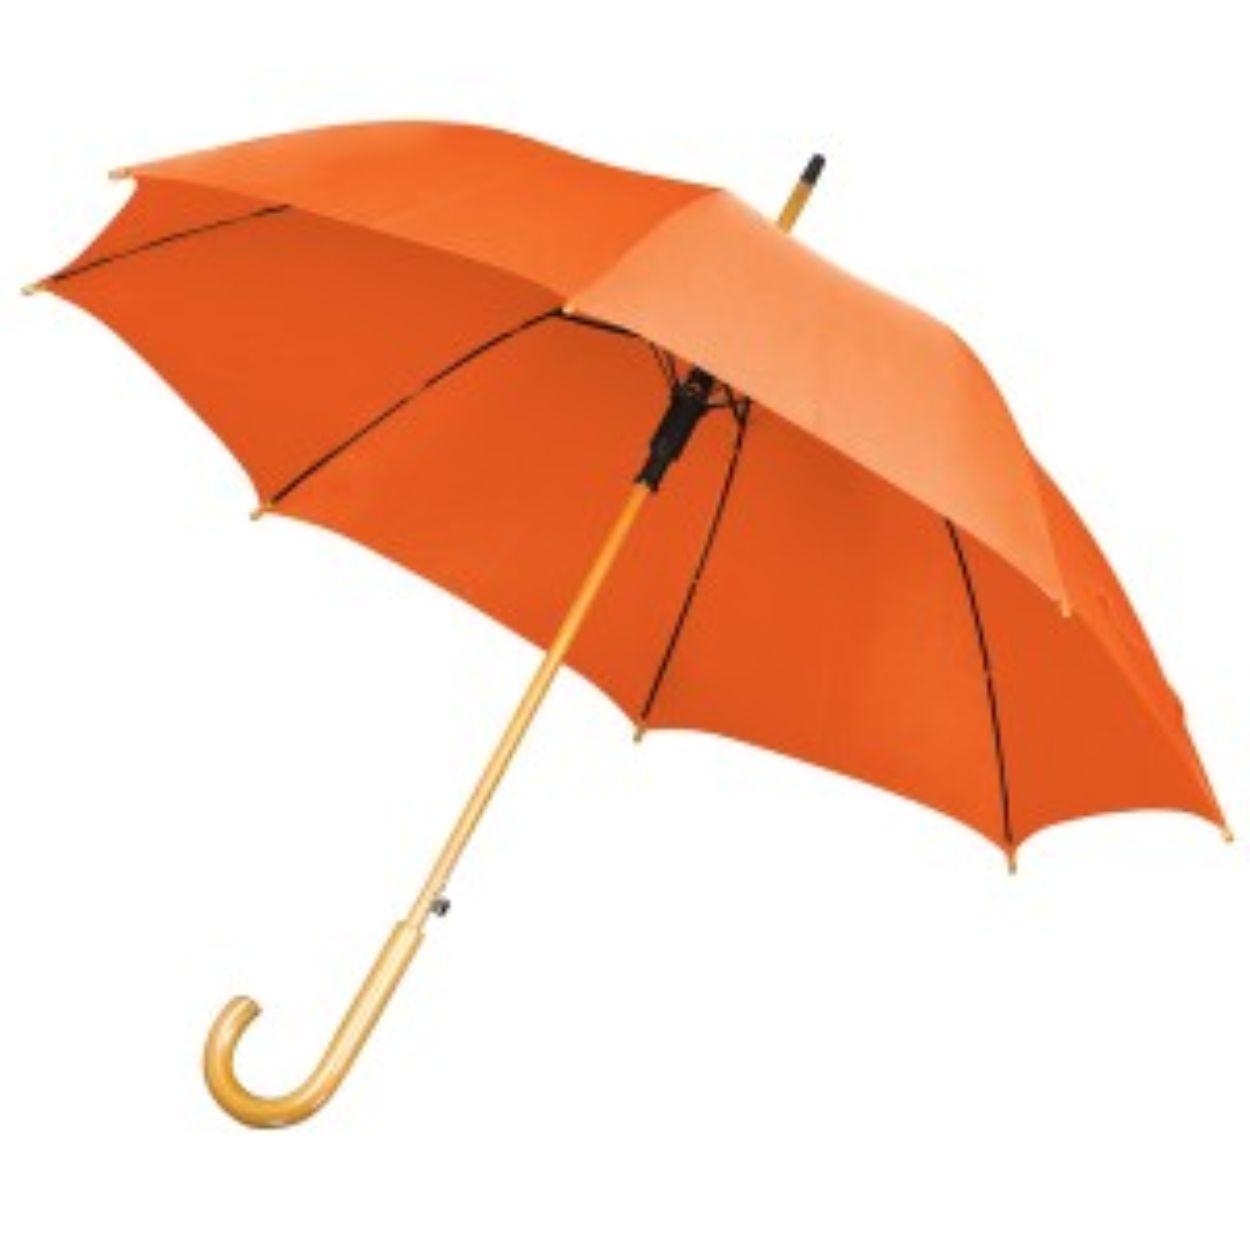 У нас вы можете заказать зонтыоптом. Мы продаем зонты под печать оптом в Самаре, в Москве, в Саратове и в других городах.  Клиенты нас выбирают из-за гарантированного качества рекламной продукции и быстрой скорости изготовления и доставки заказа.  Делаем нанесение на сувенирах в Самаре и в Москве. Стоимость нанесения назависит от партии заказа и технологии нанесения.   Заказывайте сувениры в надежном месте!